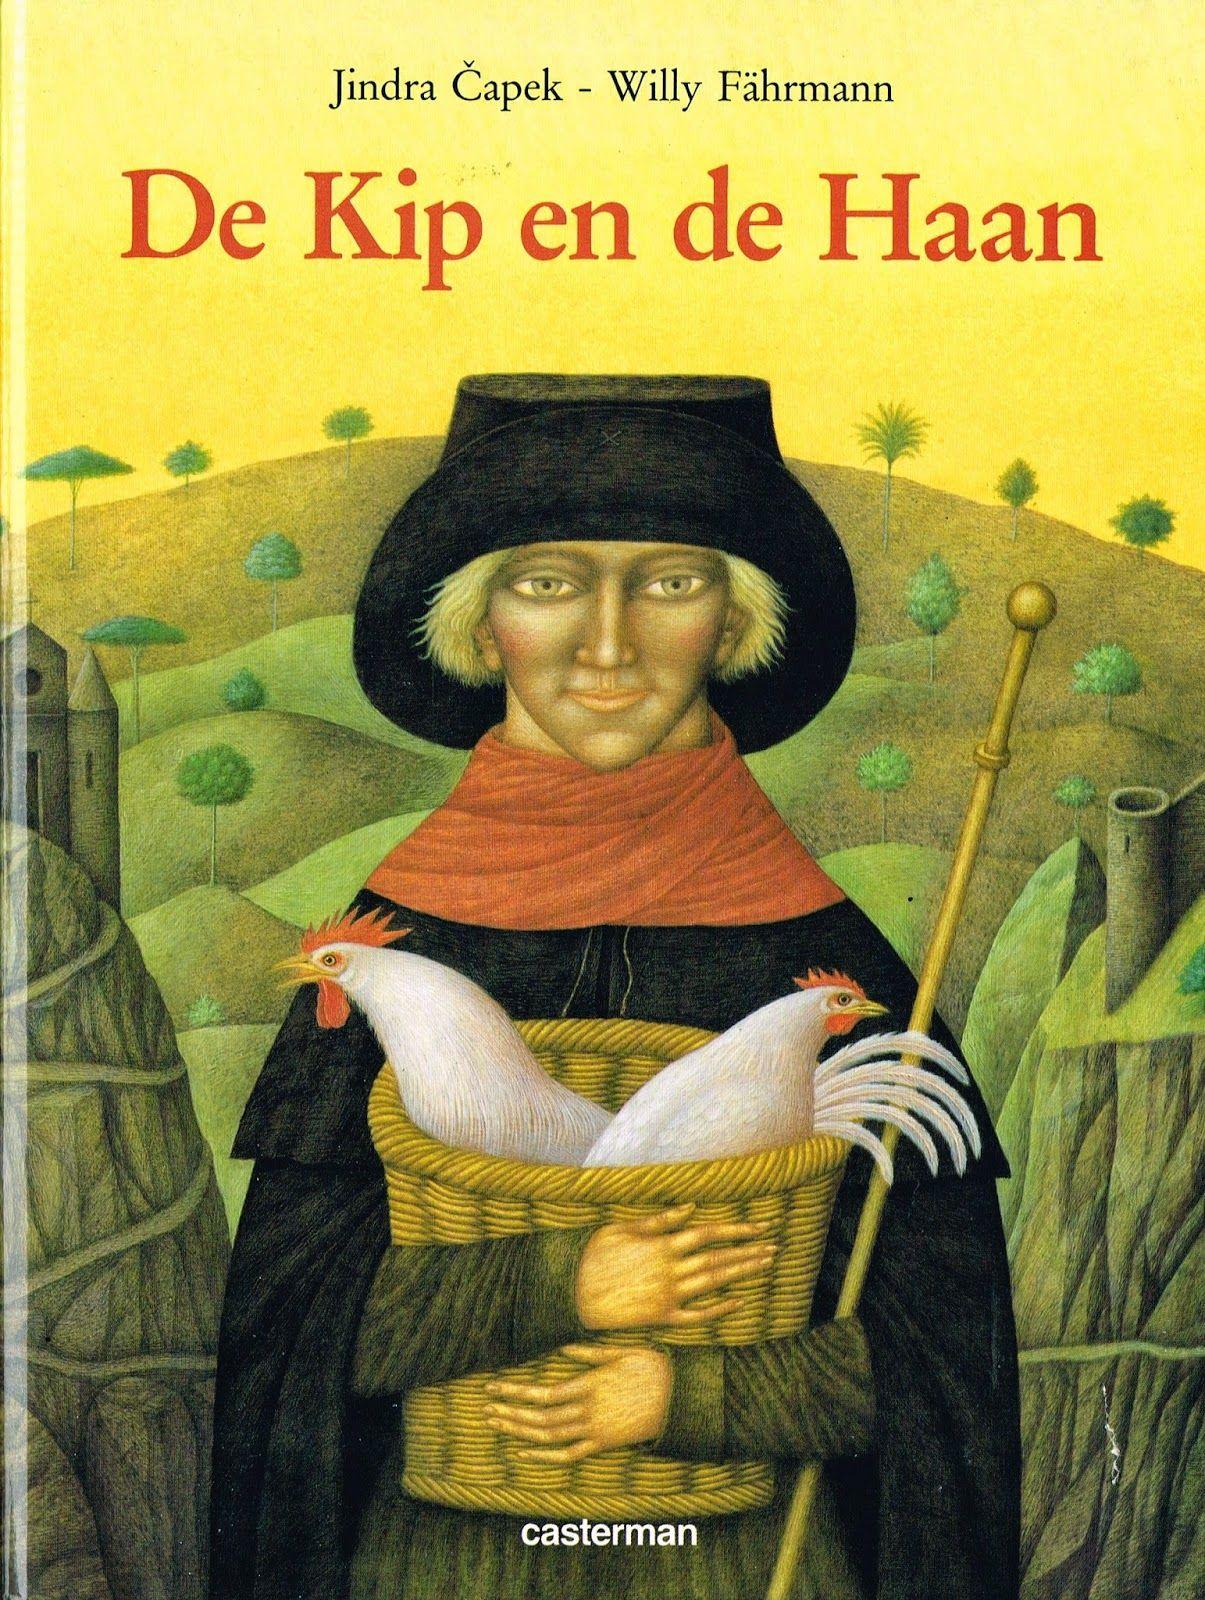 children's book illustrations: De kip en de haan/ Der Hahn im Korb